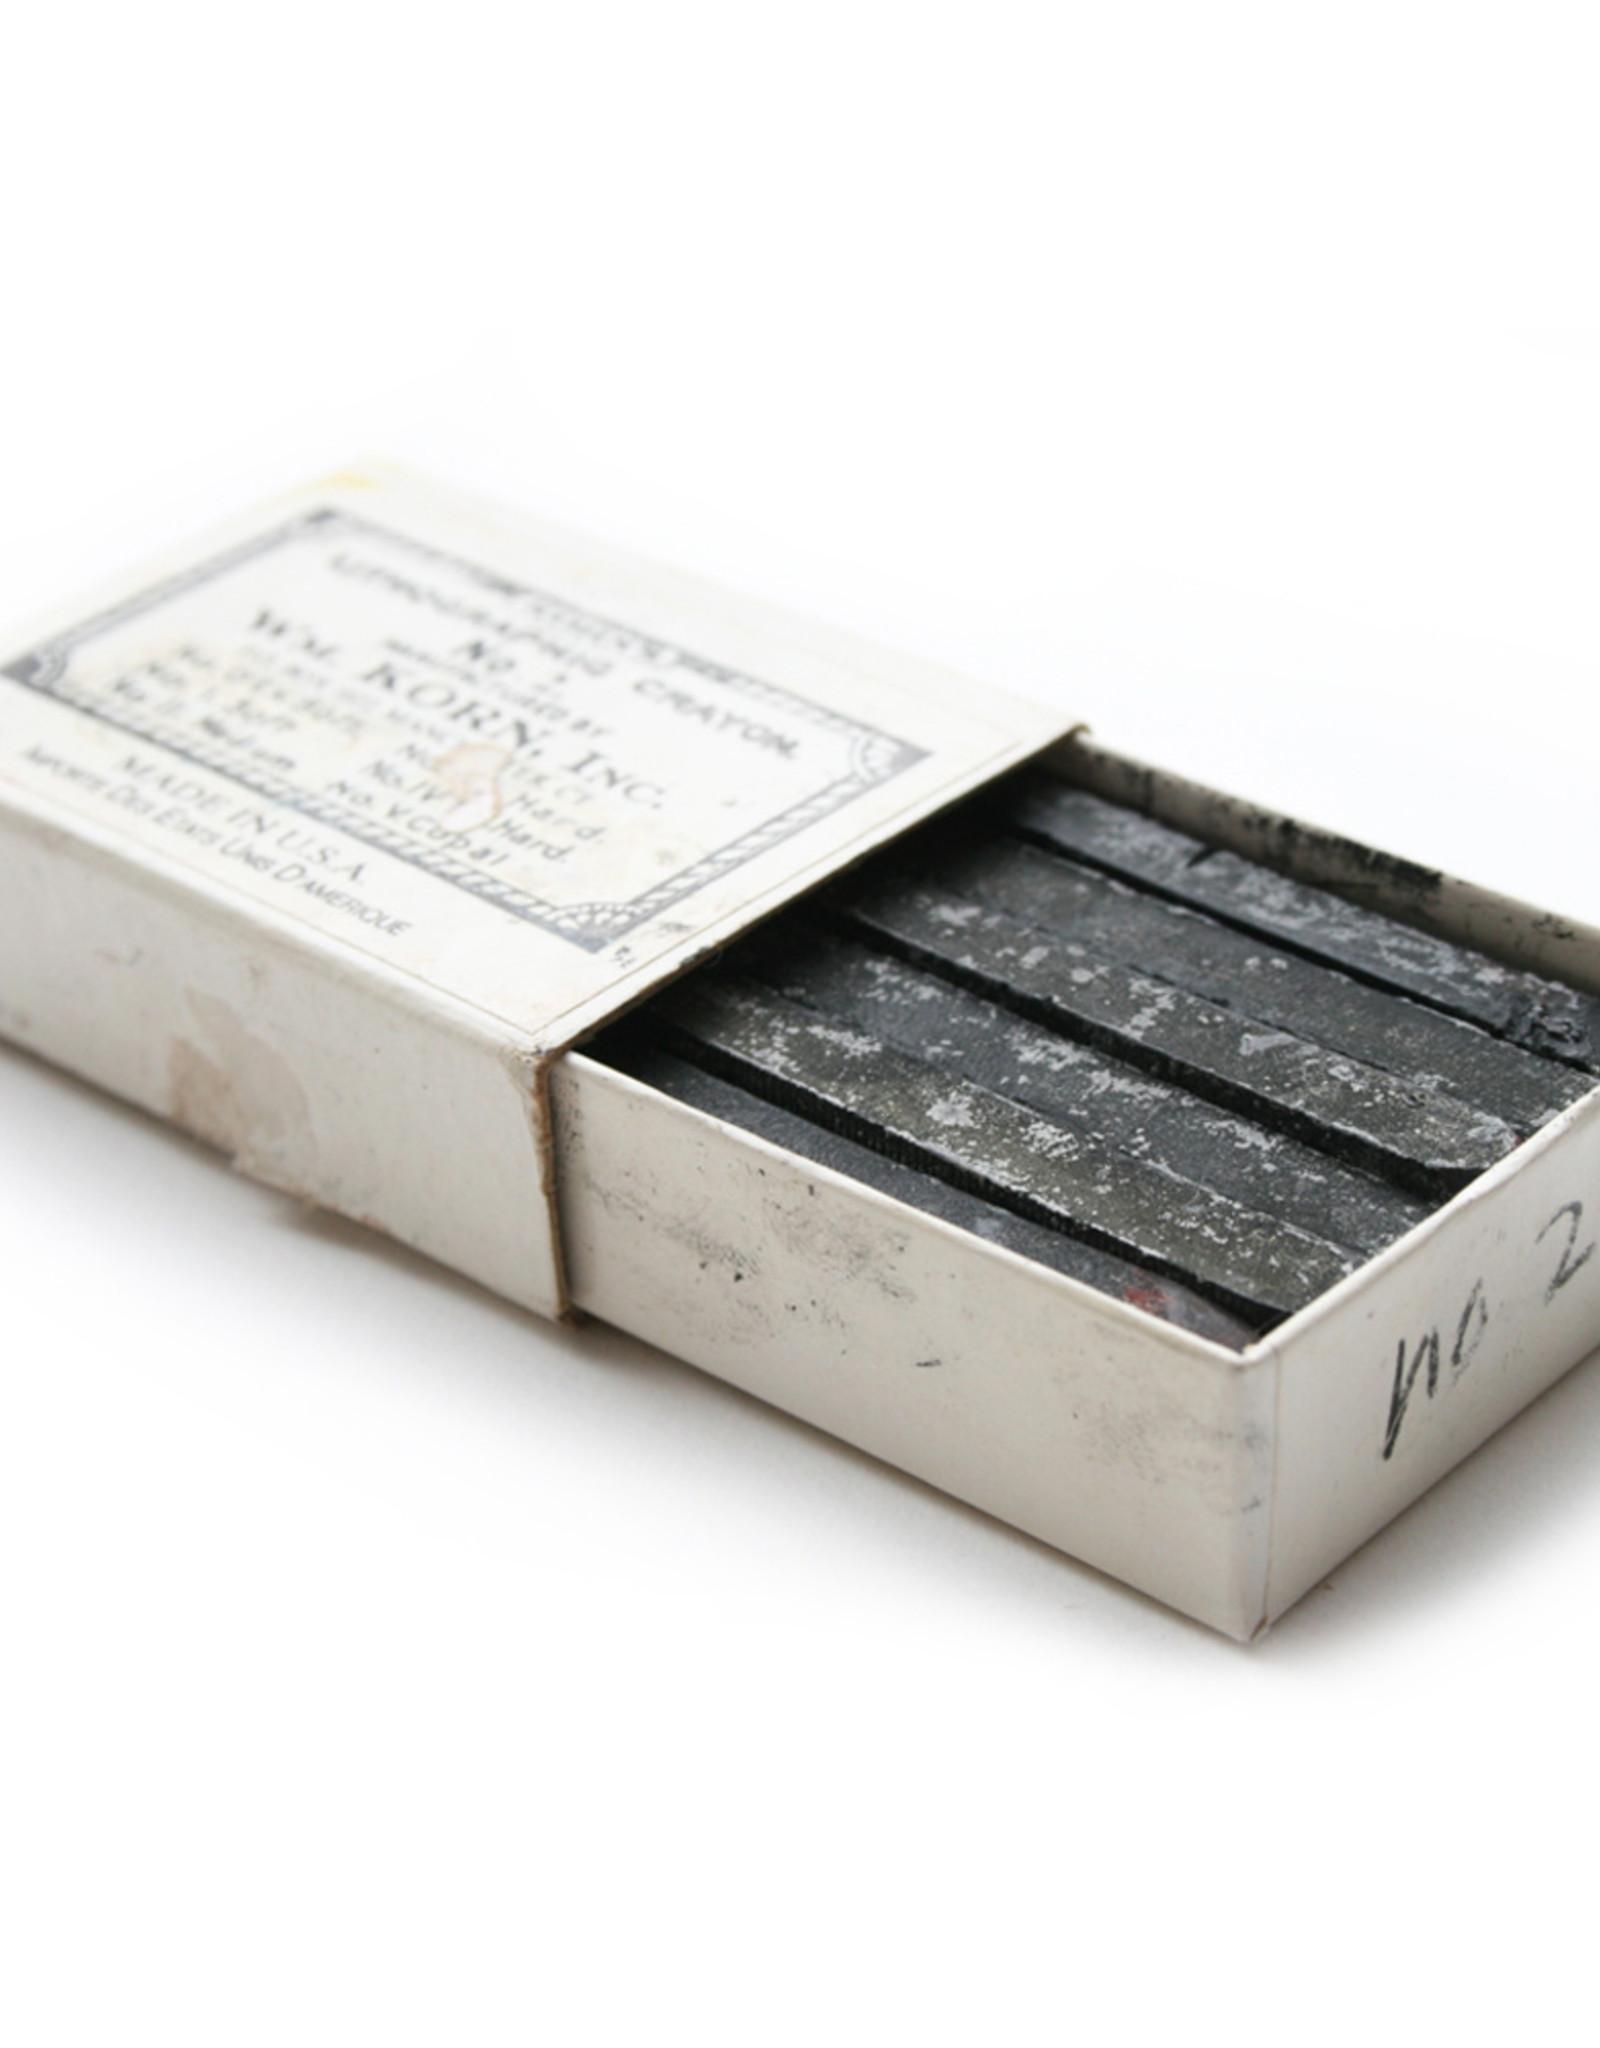 12 stuks lithokrijt staafje ±6cm lang Korn hard nummer 3. De harde krijtjes geven een lichte toonwaarde en de zachtere een zwaardere.